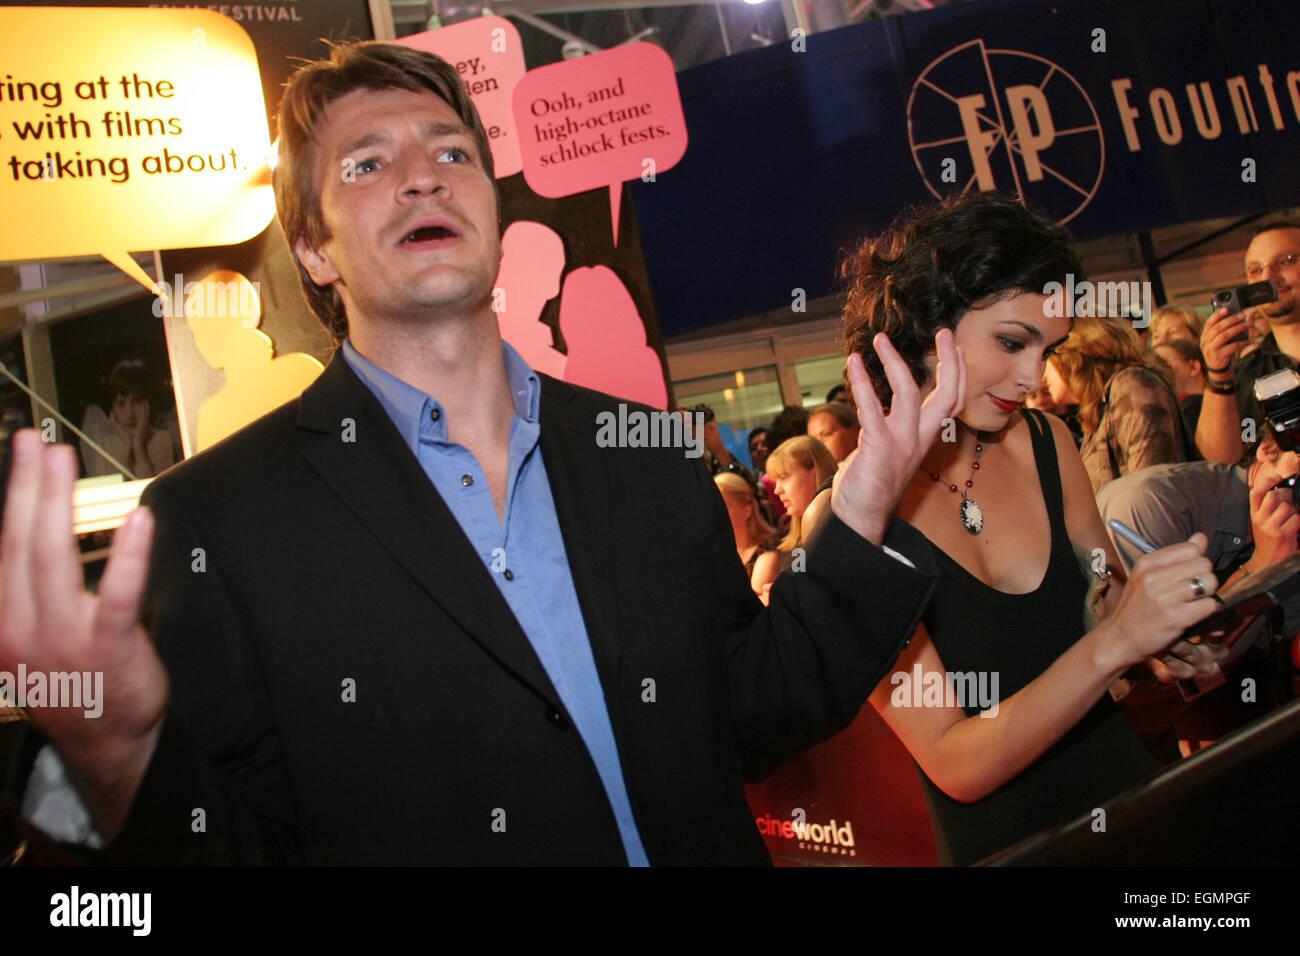 NATHAN FILLION E MORENA BACCARIN A PREMIERE MONDIALE DI 'Serenity' film, scritto e diretto da Joss Whedon, Immagini Stock